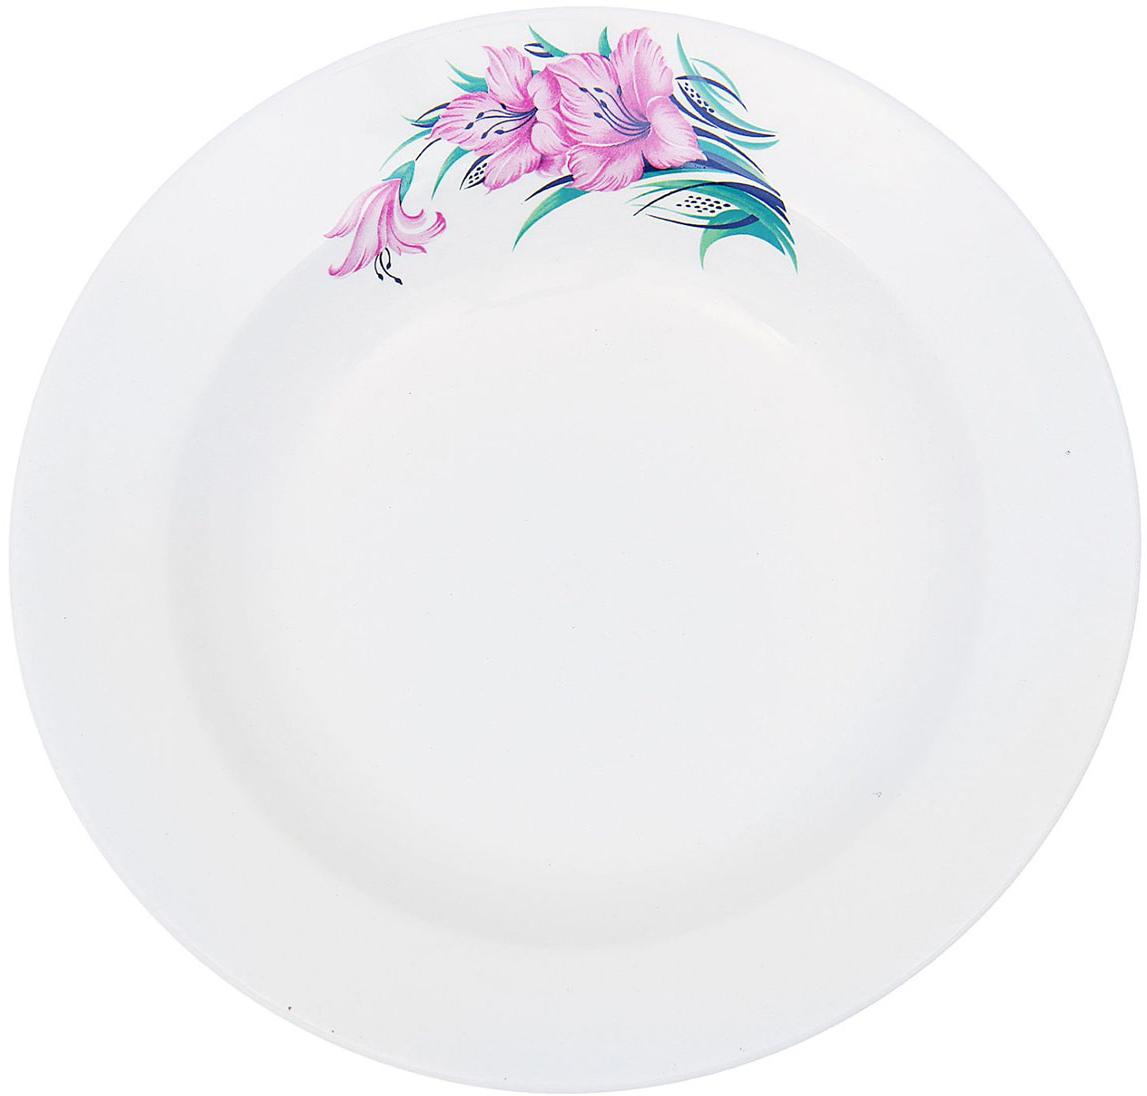 Тарелка глубокая Керамика ручной работы Градиолус, диаметр 20 см1821319Данная тарелка понравится любителям вкусной и полезной домашней пищи. Такая посуда практична и красива, в ней можно хранить и подавать разнообразные блюда. При многократном использовании изделие сохранит свой вид и выдержит мытье в посудомоечной машине. В керамической емкости горячая пища долго сохраняет свое тепло, остуженные блюда остаются прохладными. Изделие не выделяет вредных веществ при нагревании и длительном хранении за счет экологичности материала.